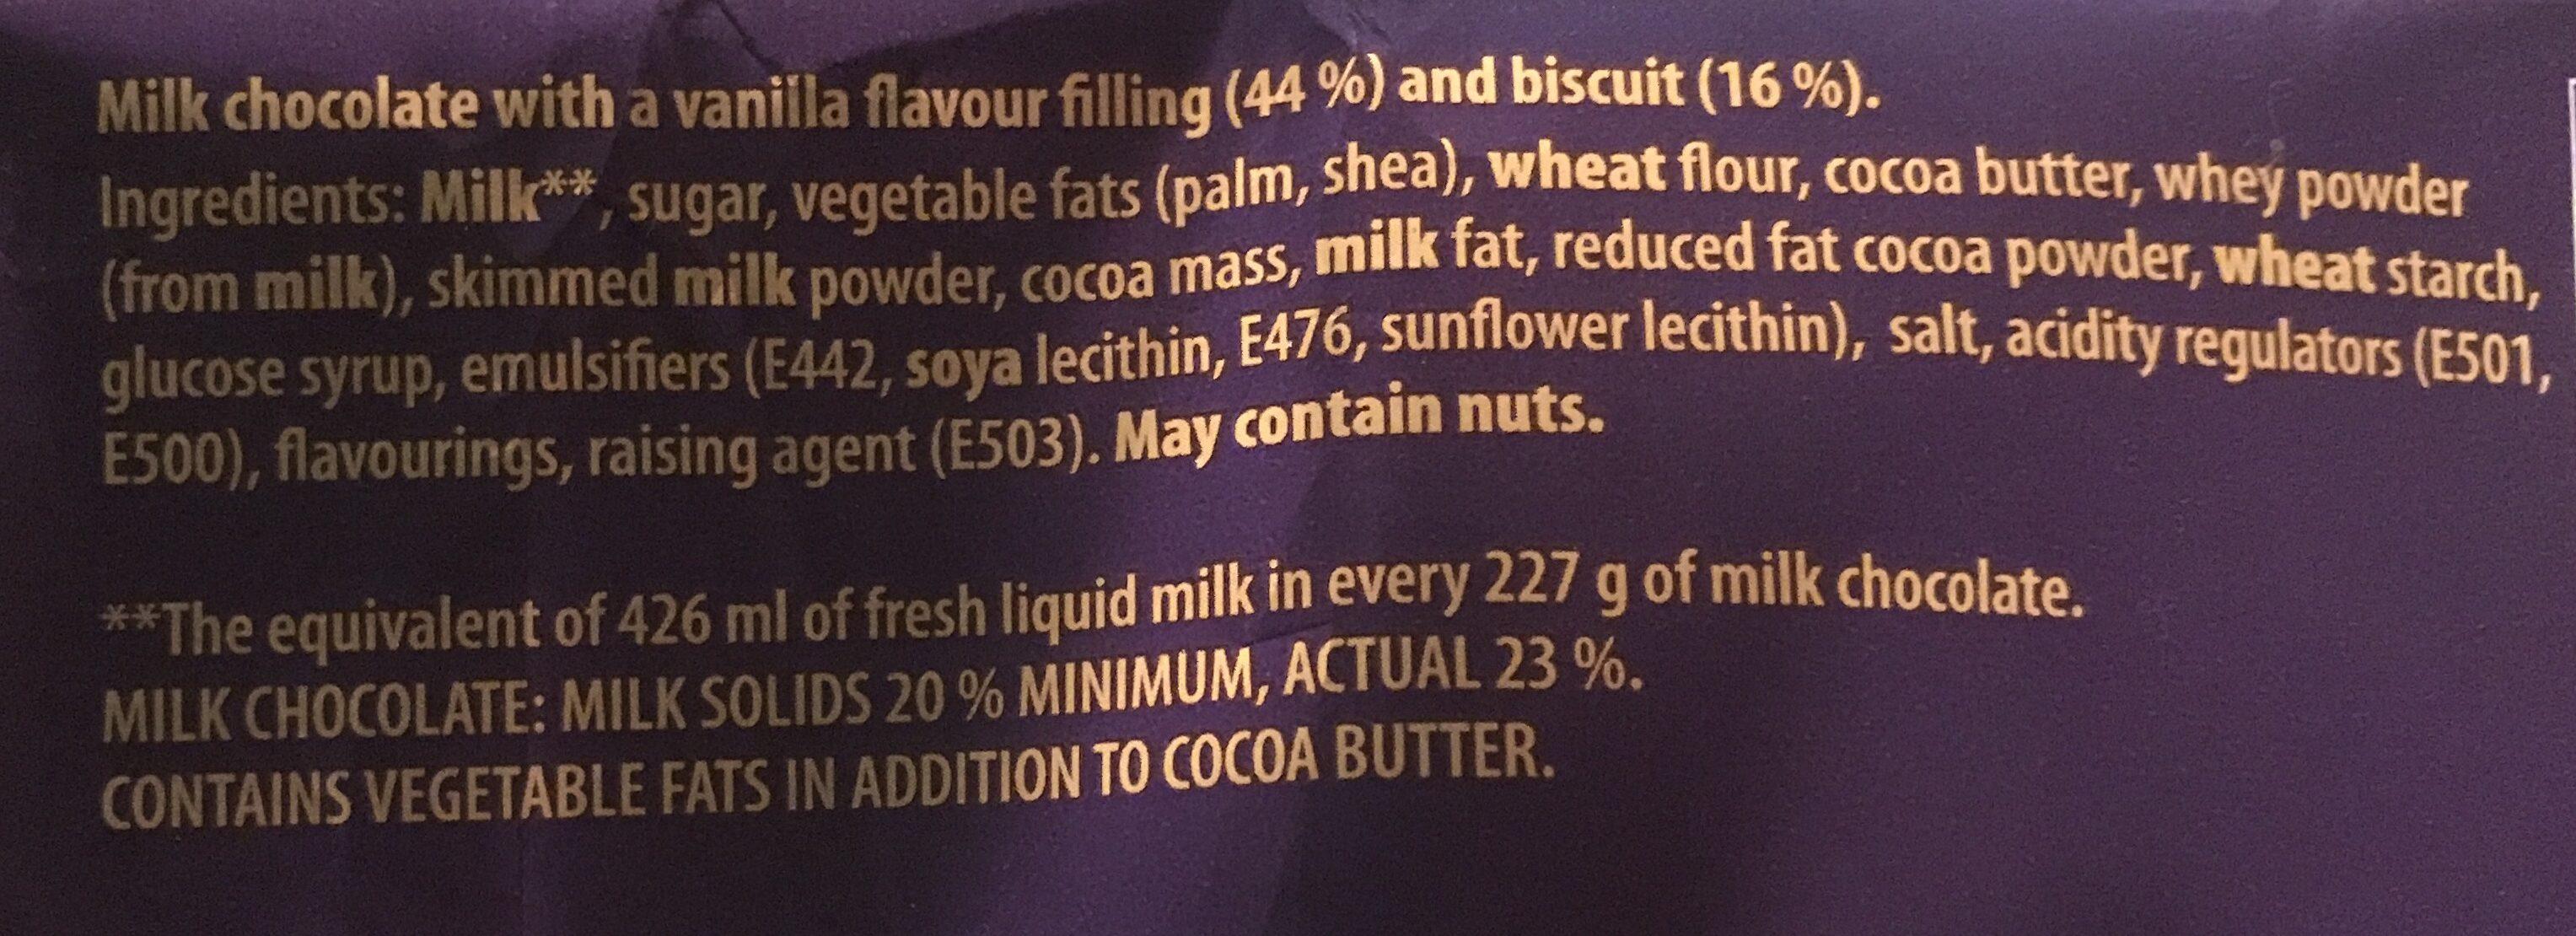 Cadbury Dairy Milk Big Taste Oreo Chocolate Bar - Ingrediënten